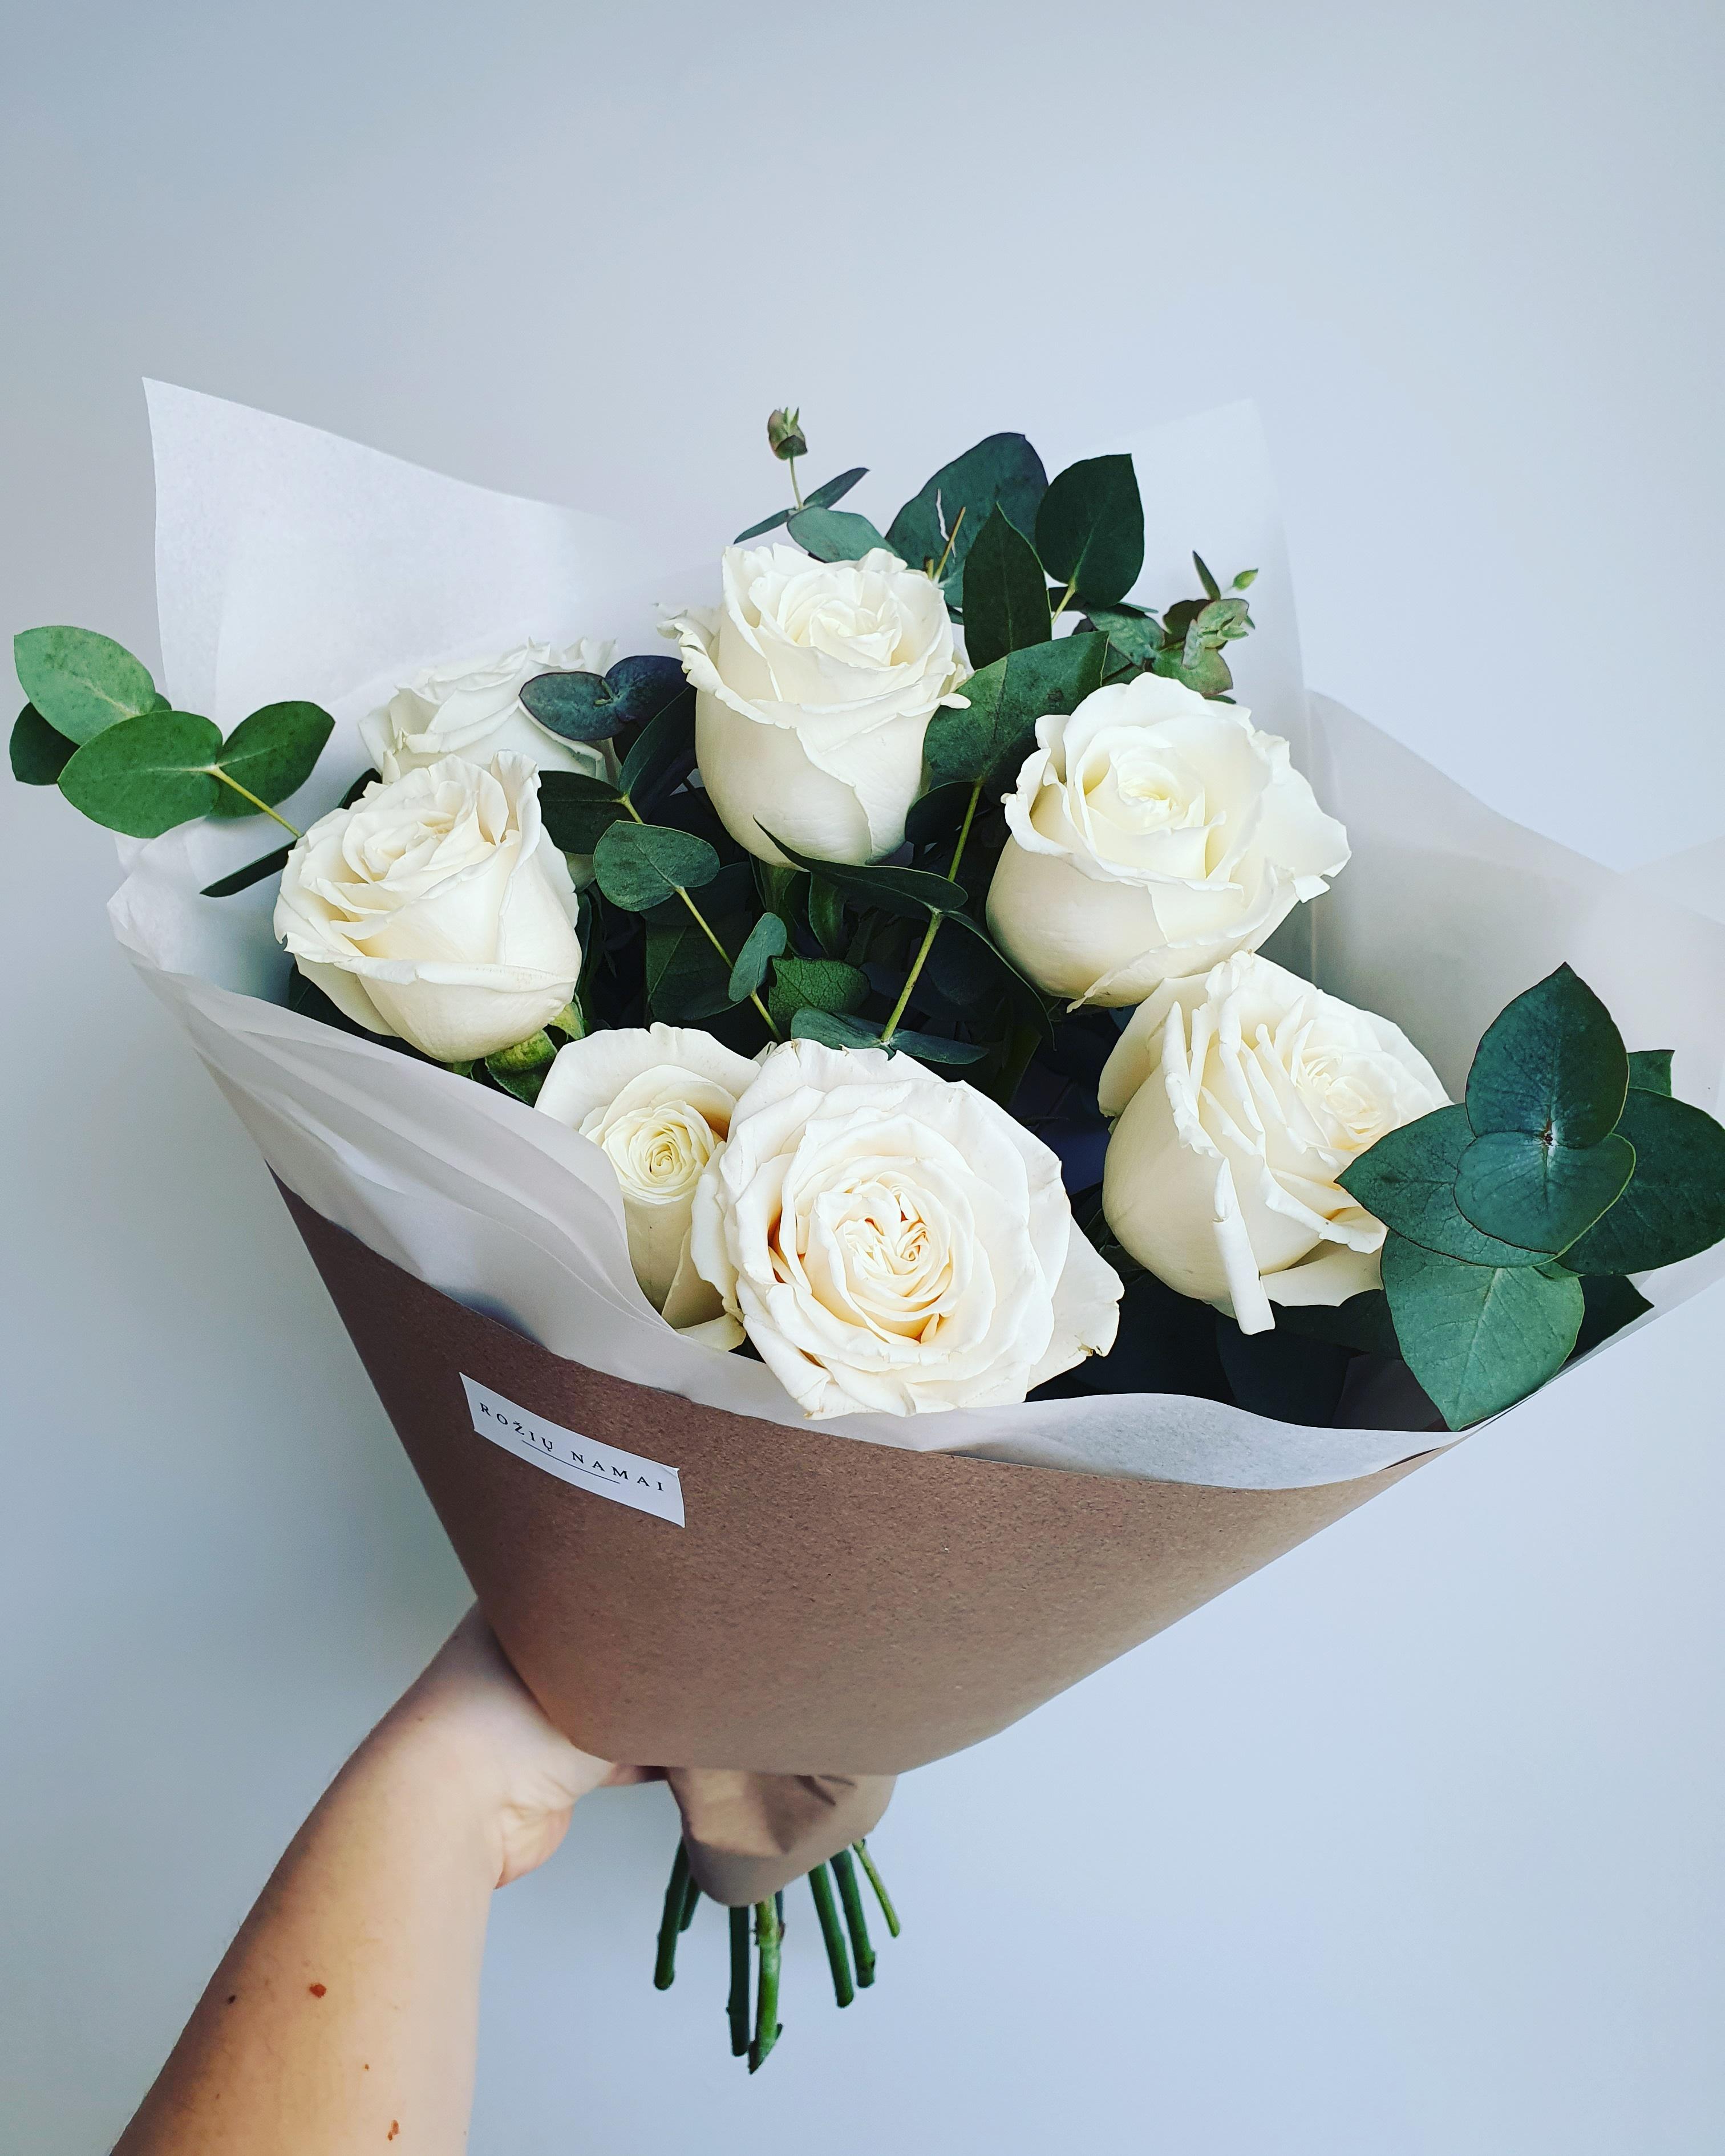 Baltos rožės 9 vnt. paveikslelis